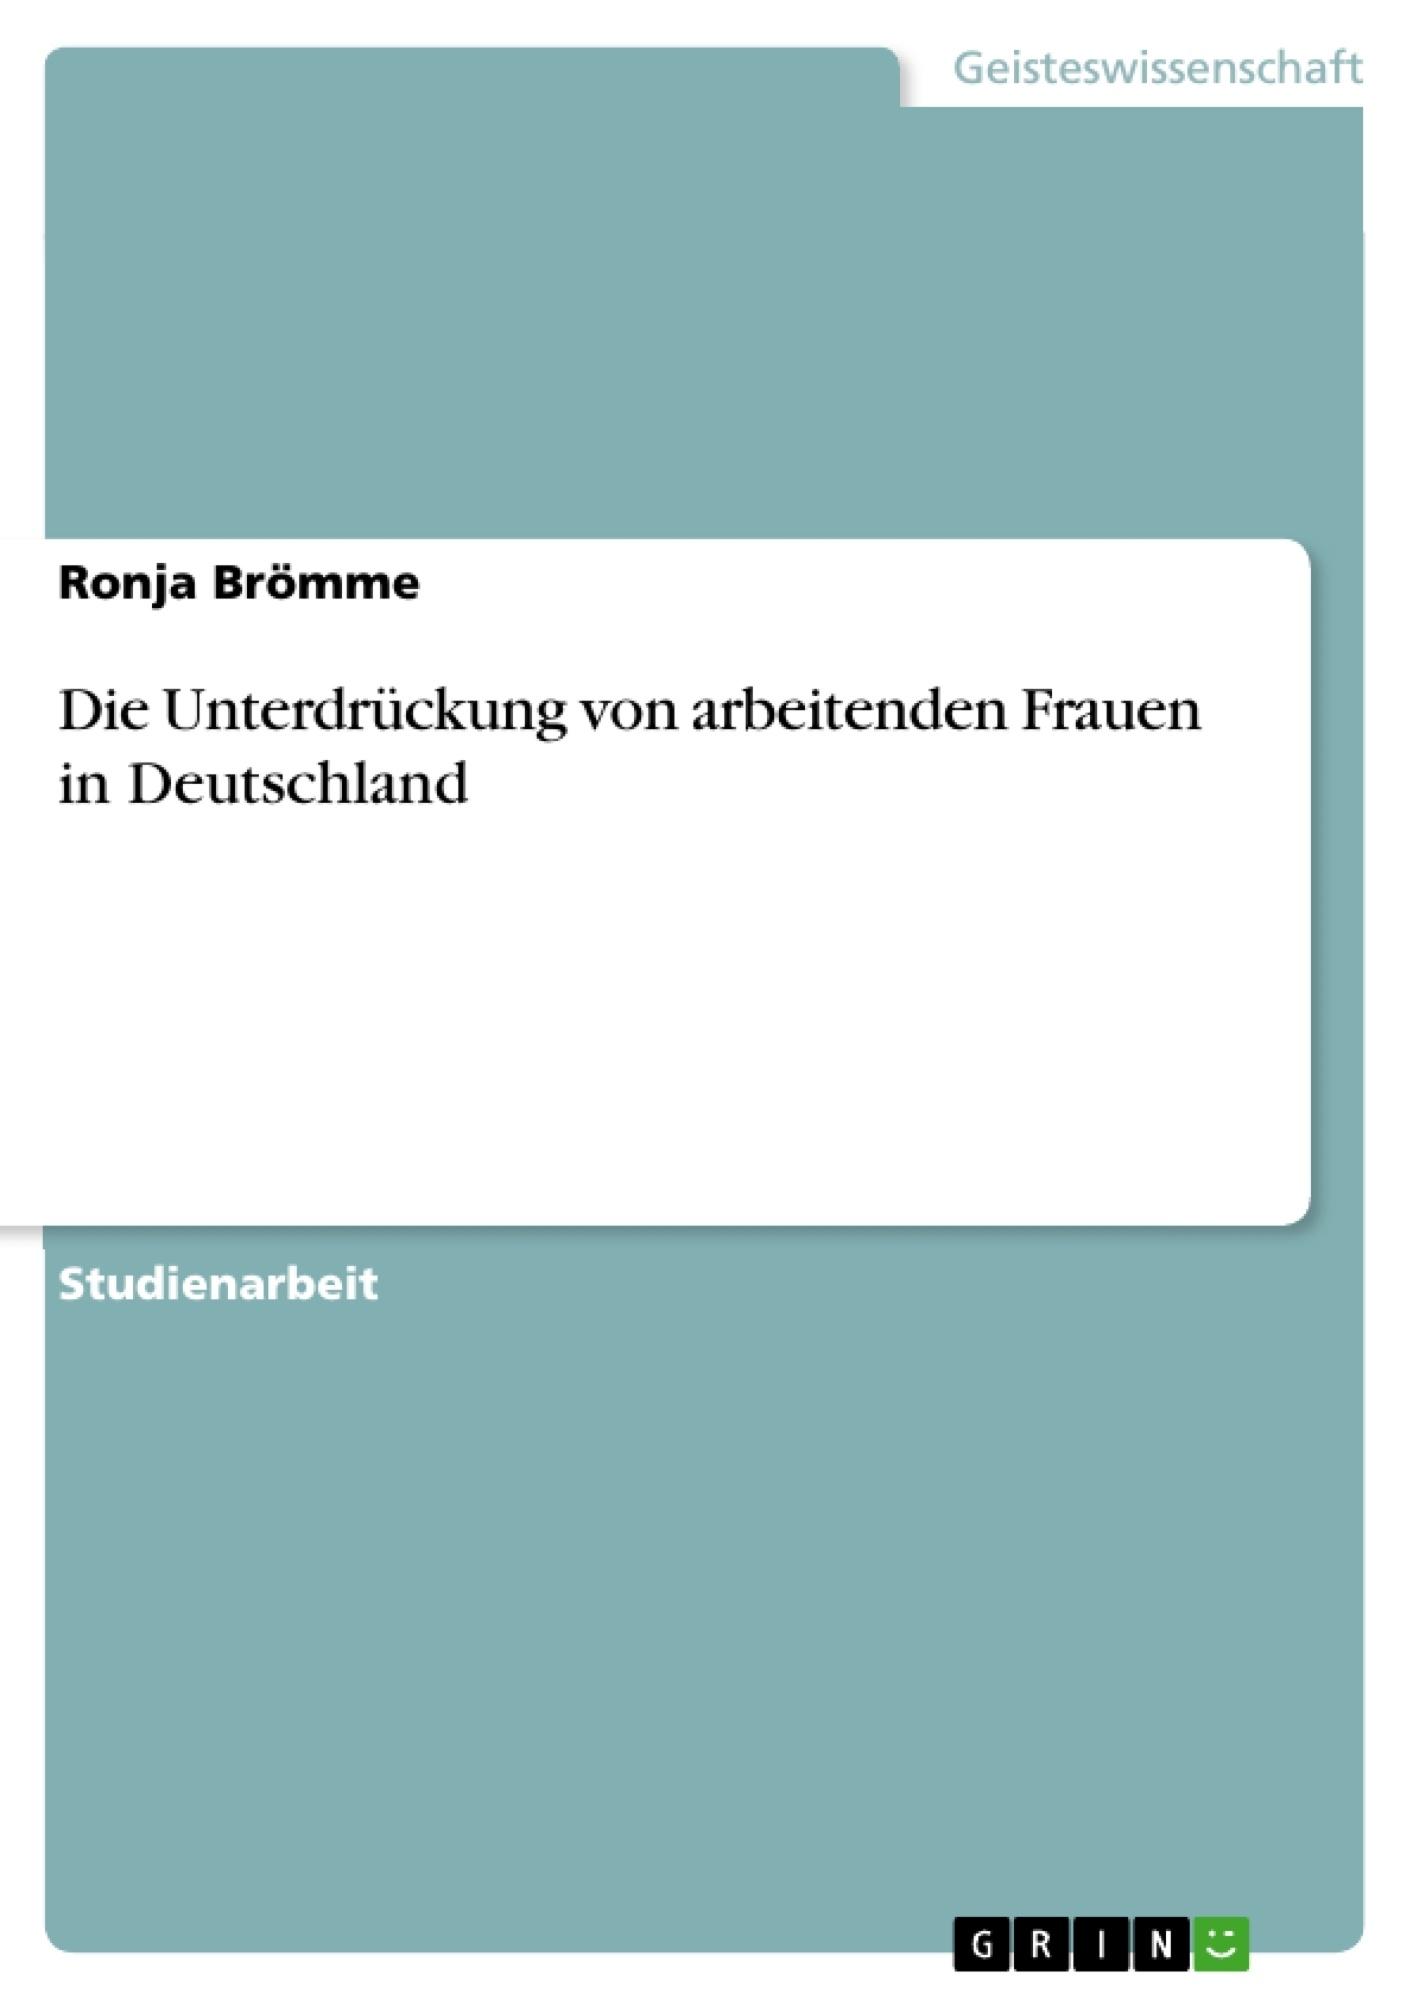 Titel: Die Unterdrückung von arbeitenden Frauen in Deutschland